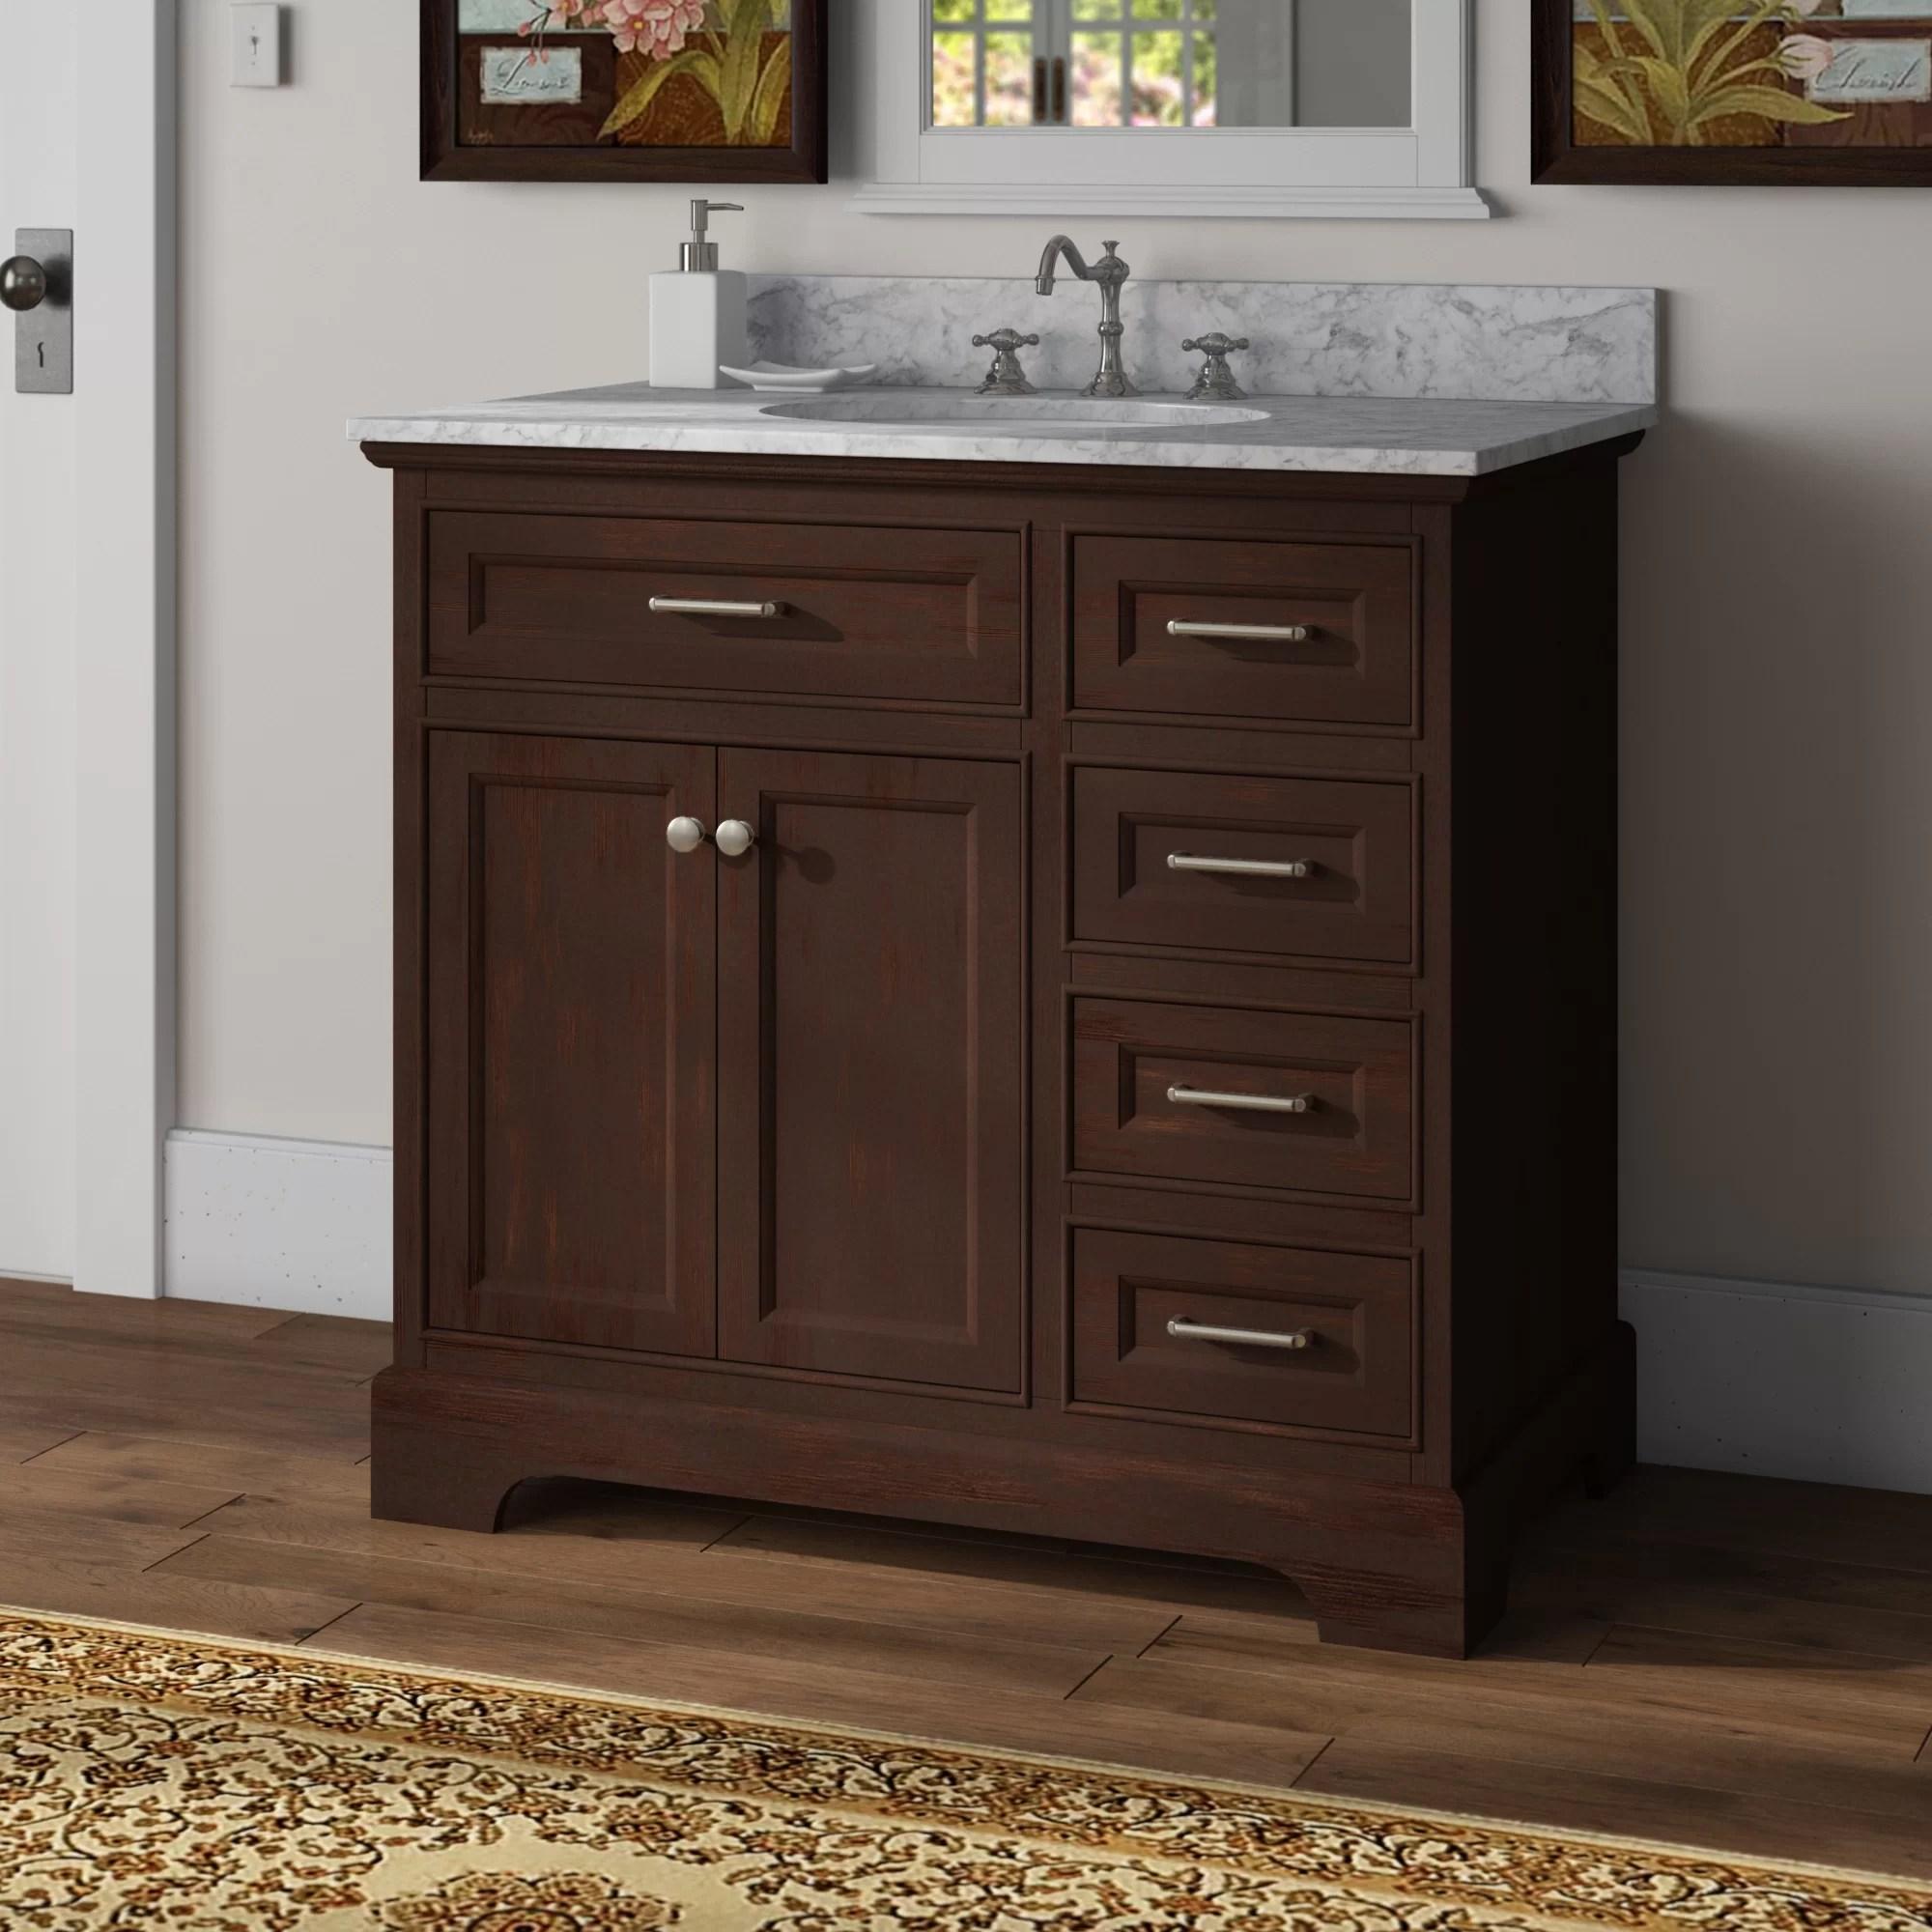 Breakwater Bay Kingon 36 Single Bathroom Vanity Set Reviews Wayfair